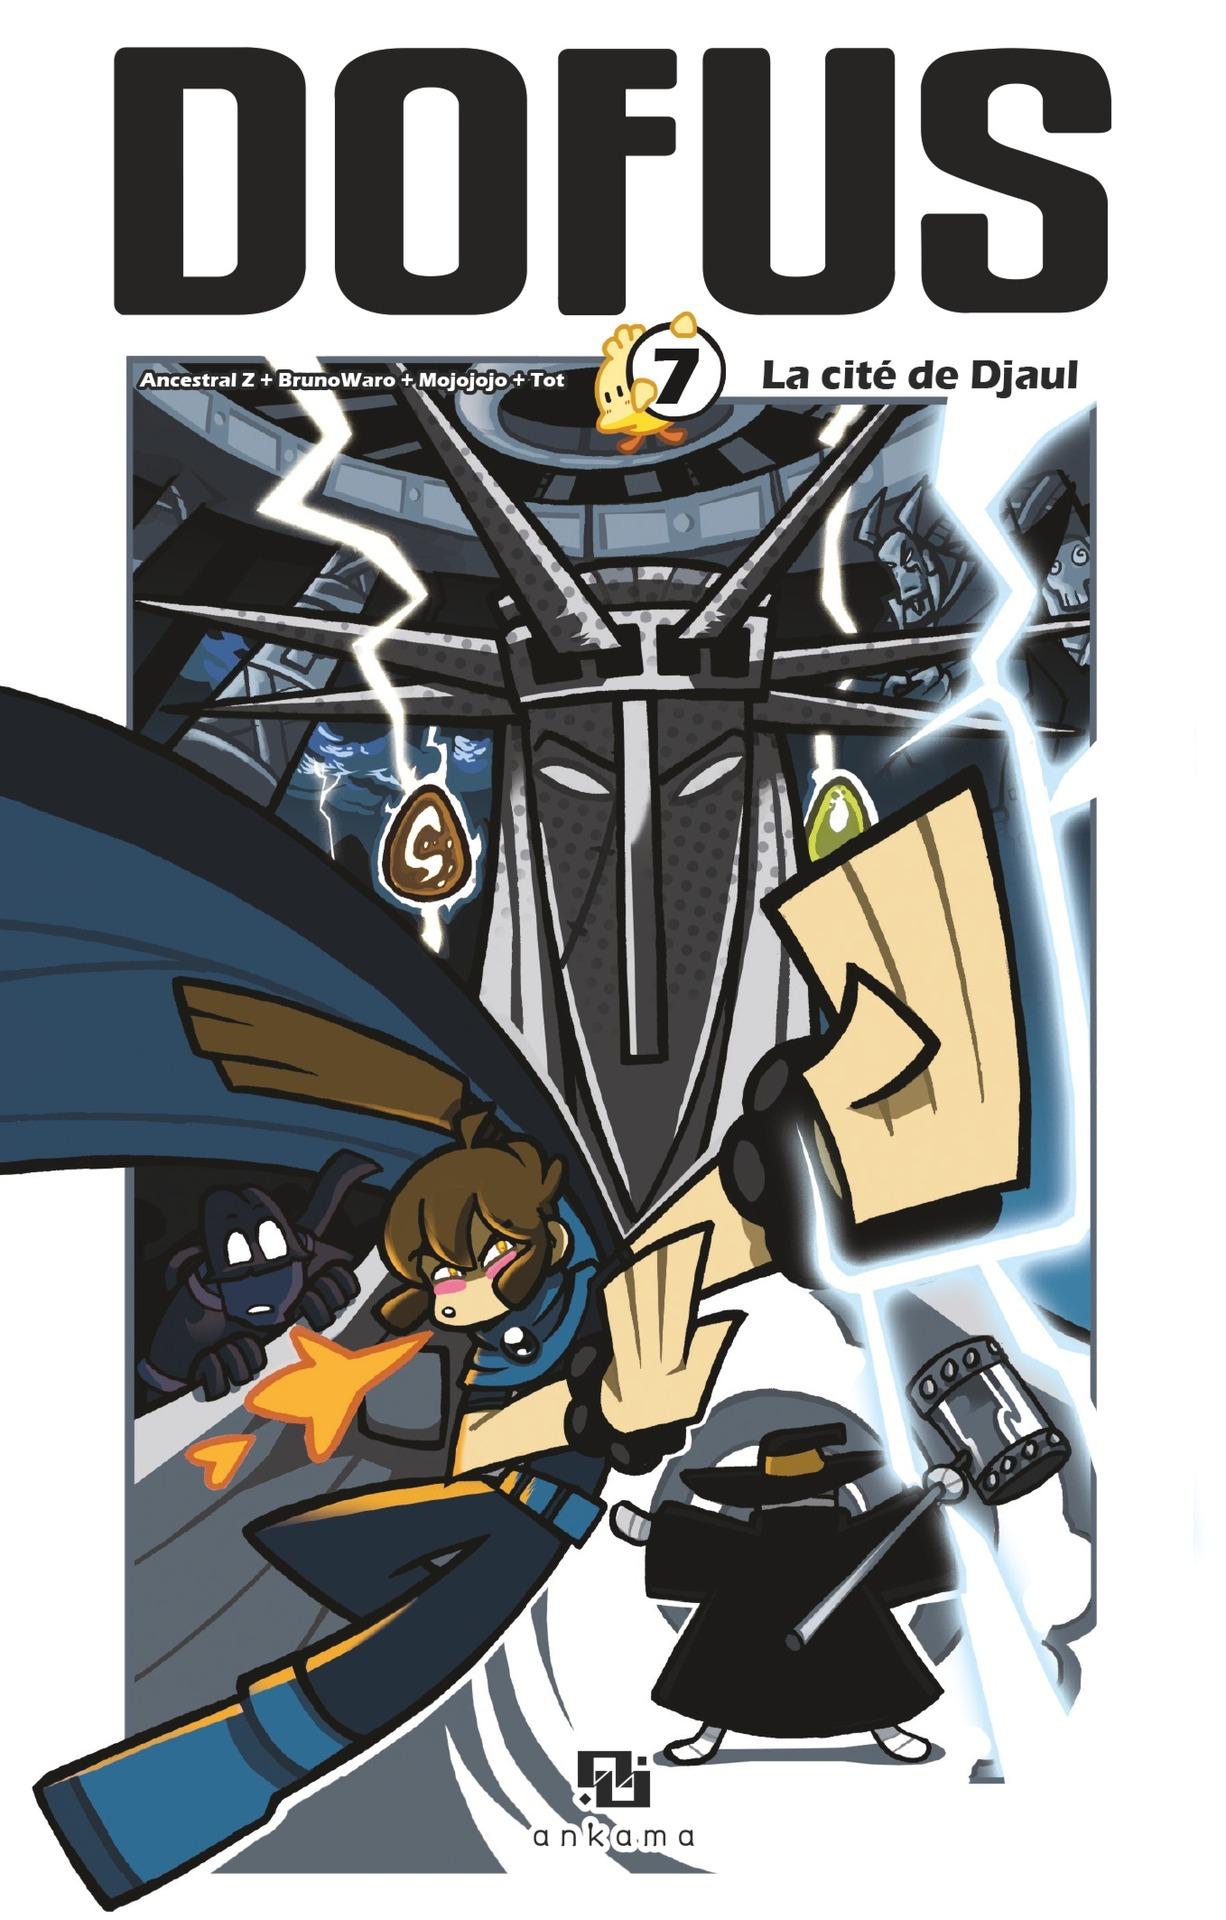 Dofus Manga - Tome 7 - La Cité de Djaul